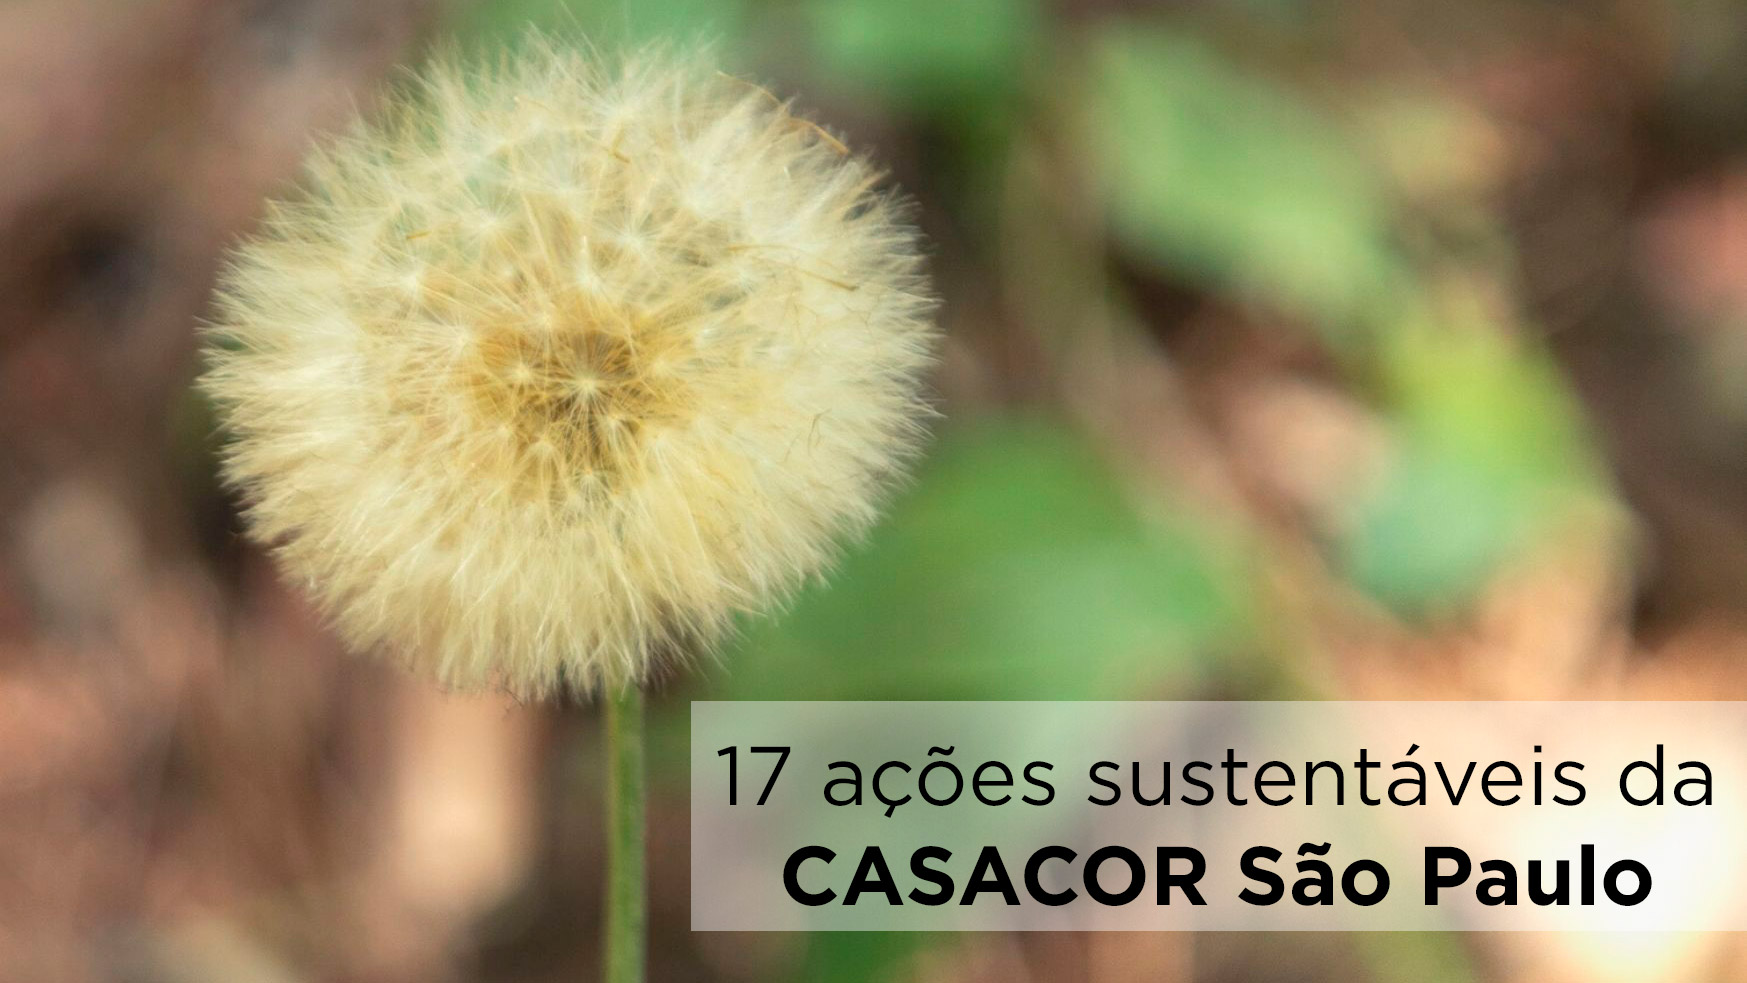 17 ações sustentáveis da CASACOR SP baseadas nos ODS da ONU